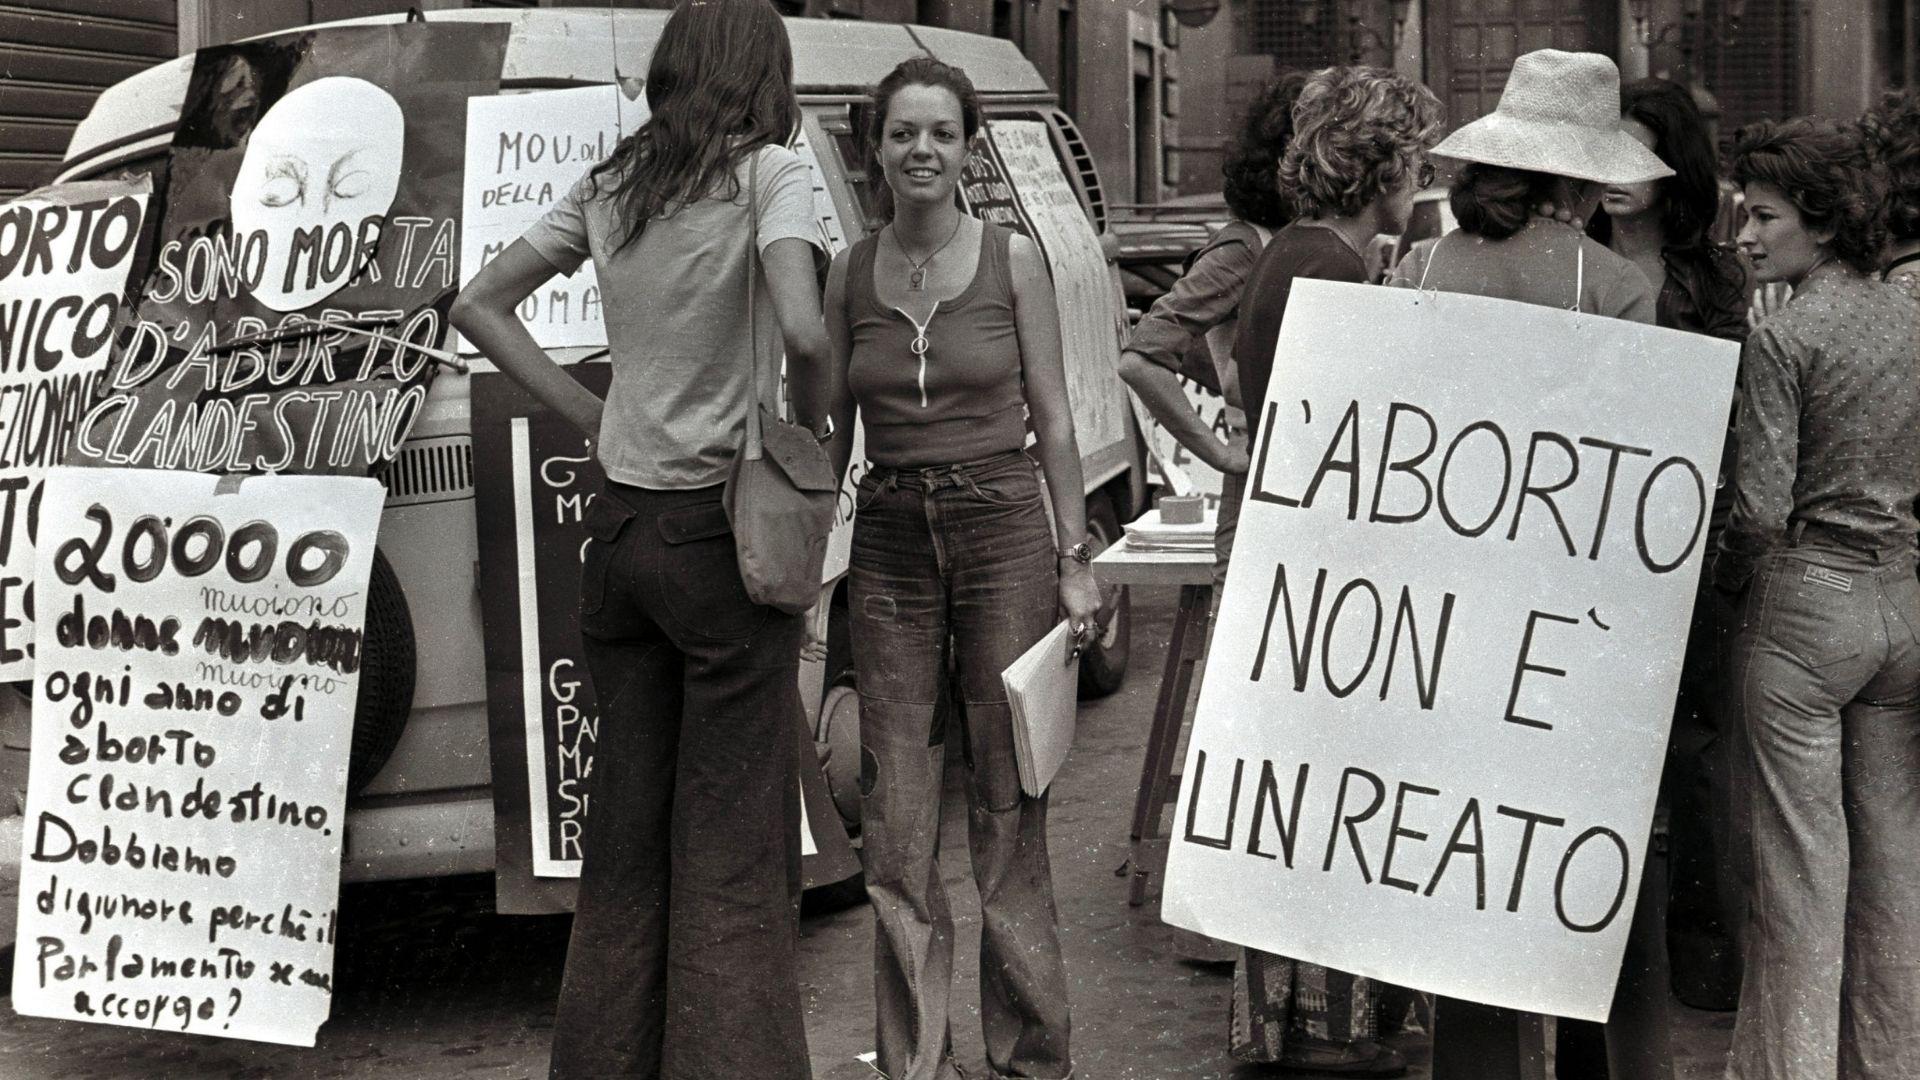 Una manifestazione a favore della legge sull'aborto a Roma il 5 novembre 1975. ANSA/ARCHIVIO